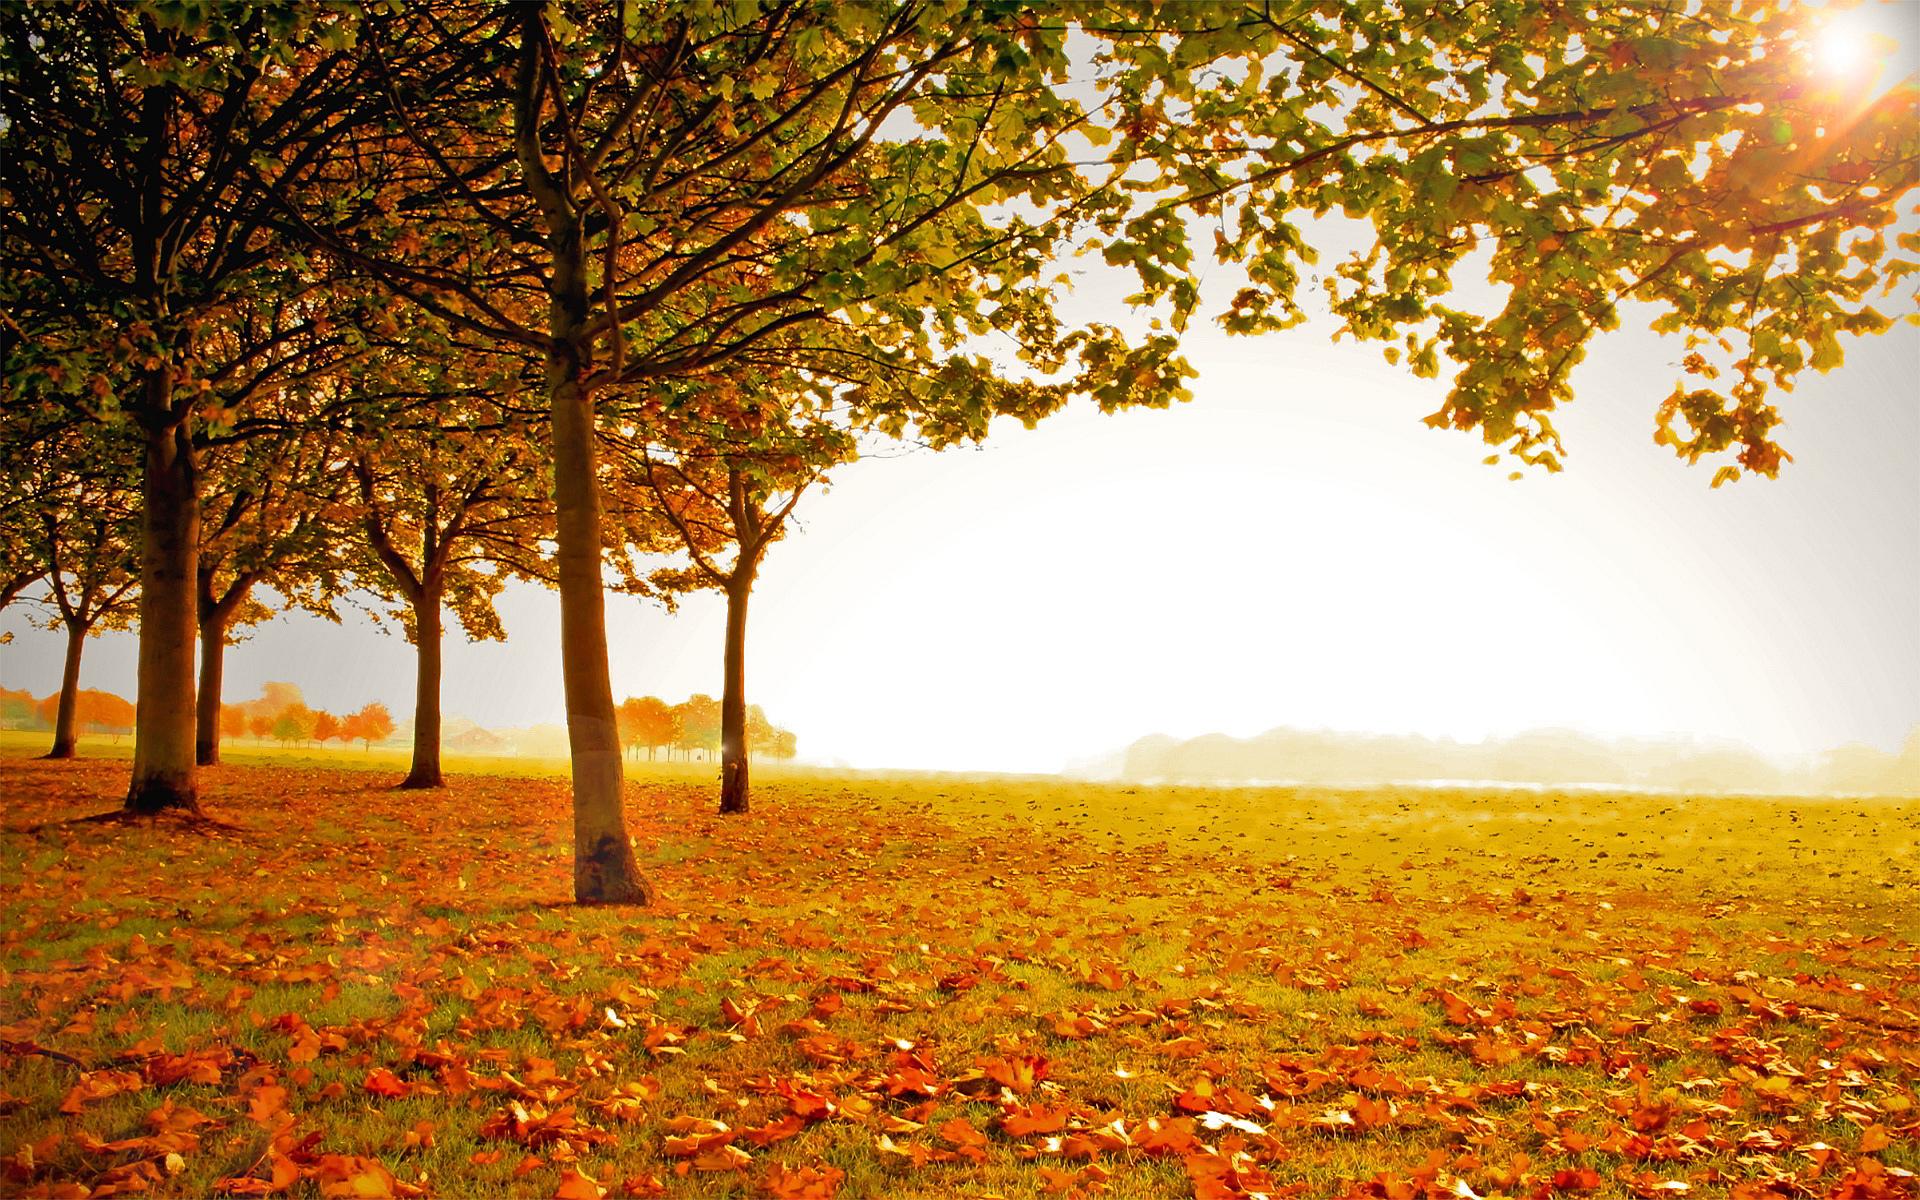 landscape photos autumn